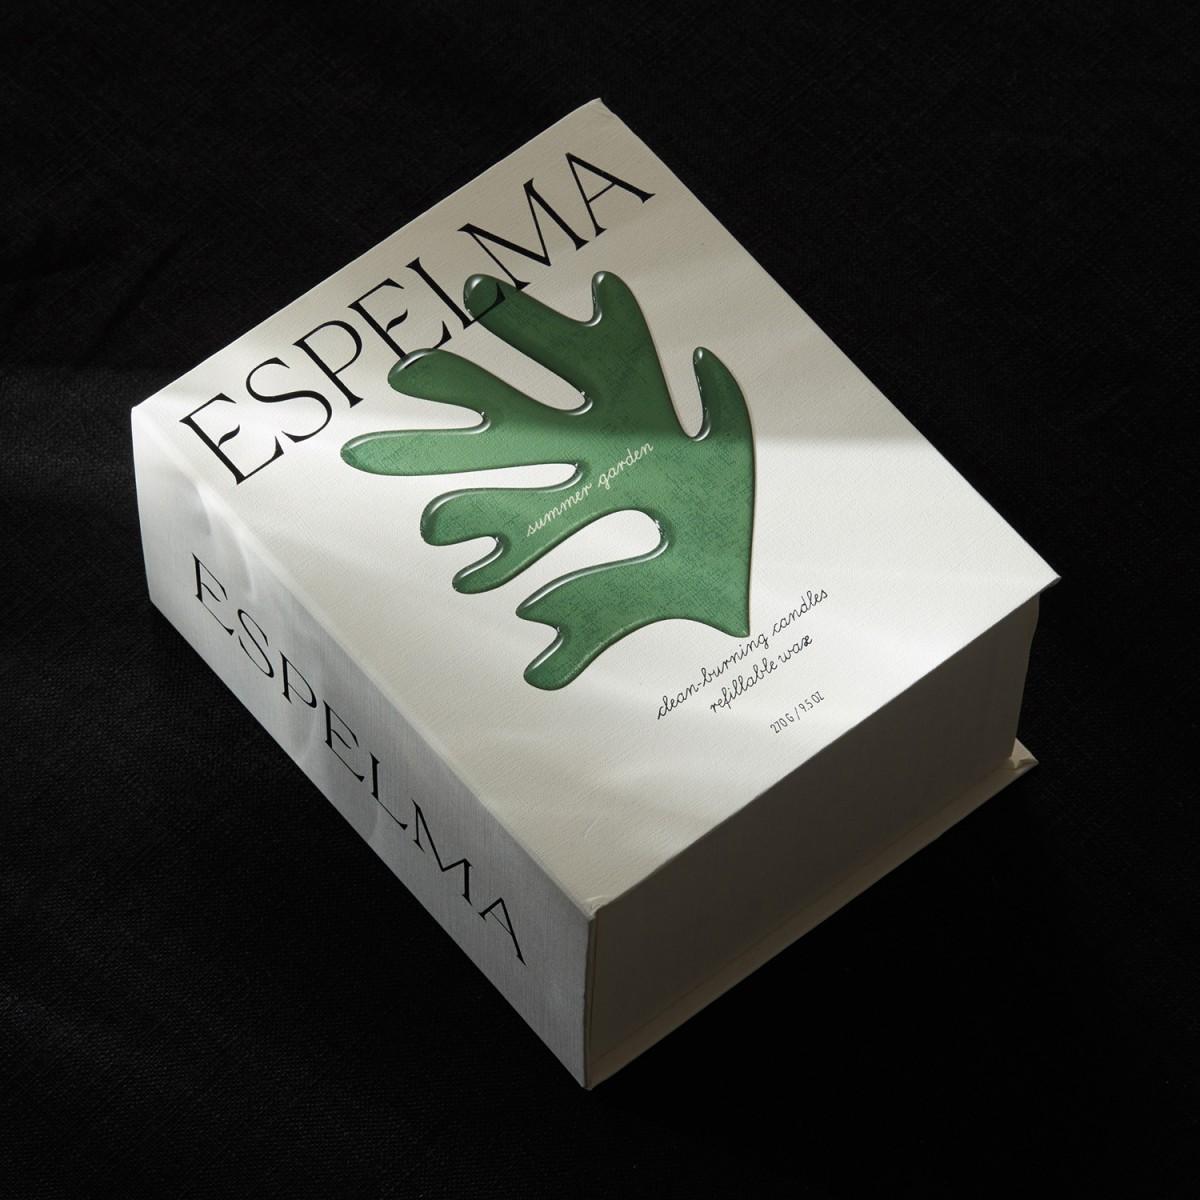 天然蜡烛公司Espelma品牌包装设计,包装盒设计